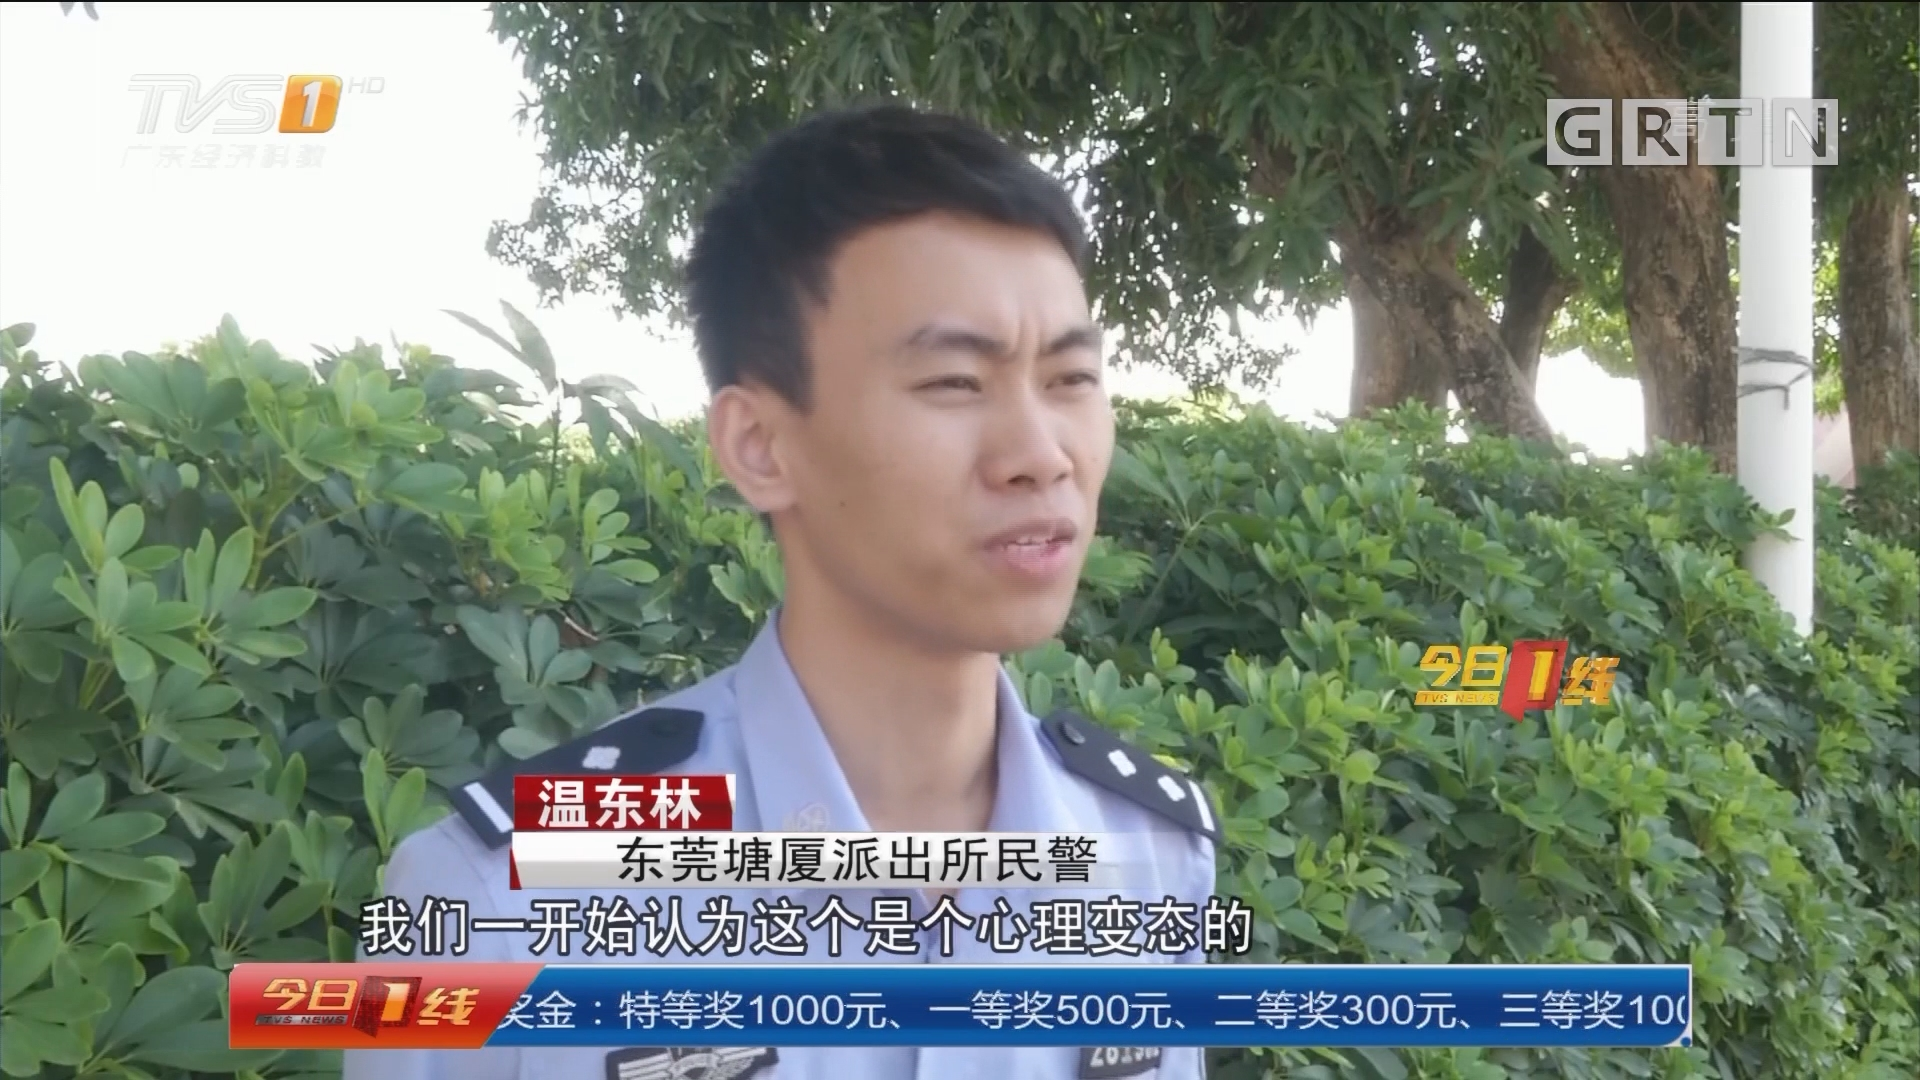 东莞塘厦:奇葩小贼频作案 被刑拘